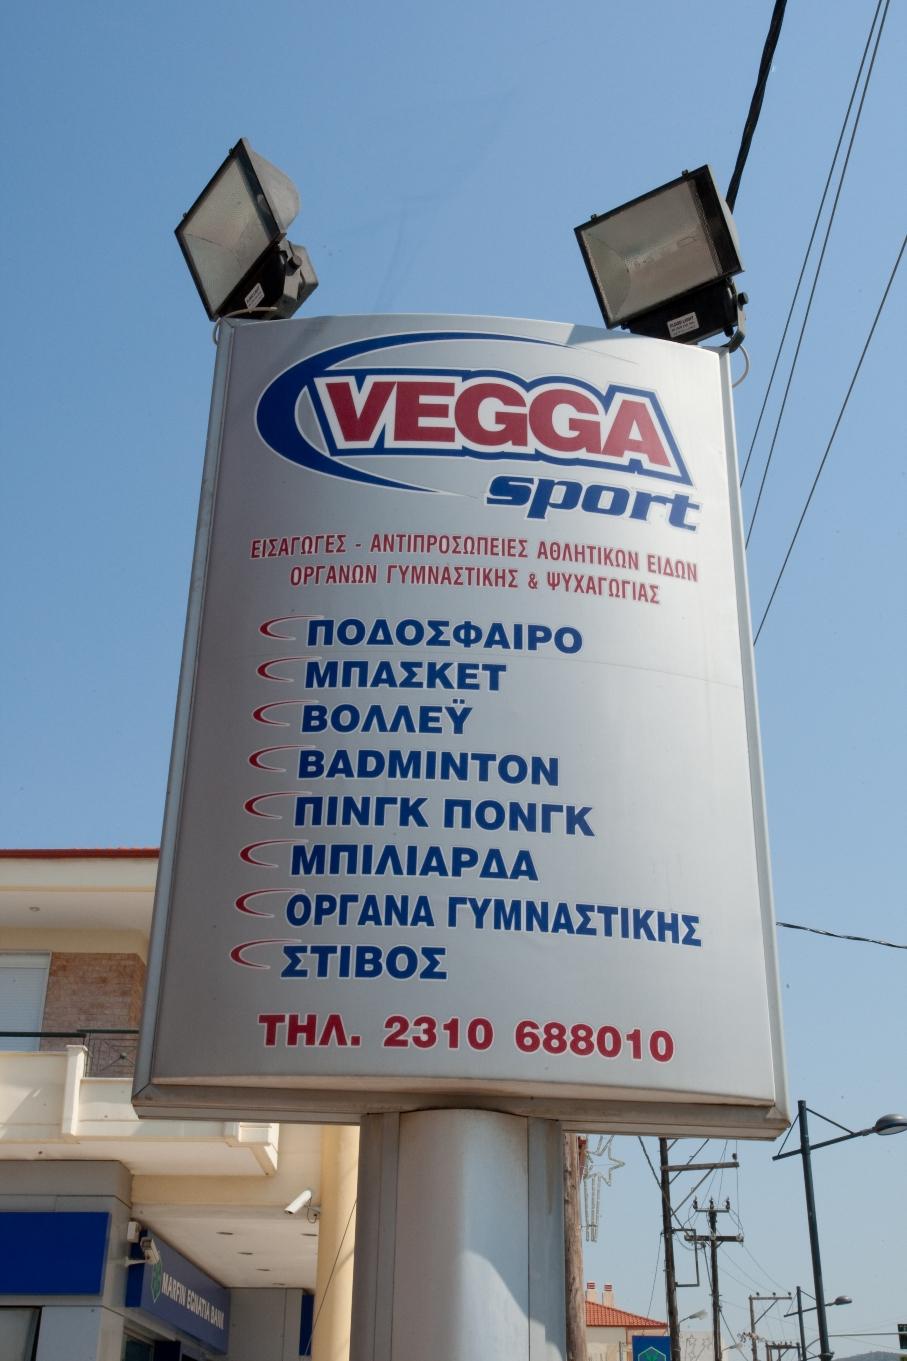 Επιγραφή πυλώνας με πρεσσαριστό Plexi Glass και προβολείς  για την εταιρία Vegga Sport στην Ν. Ευκαρπία